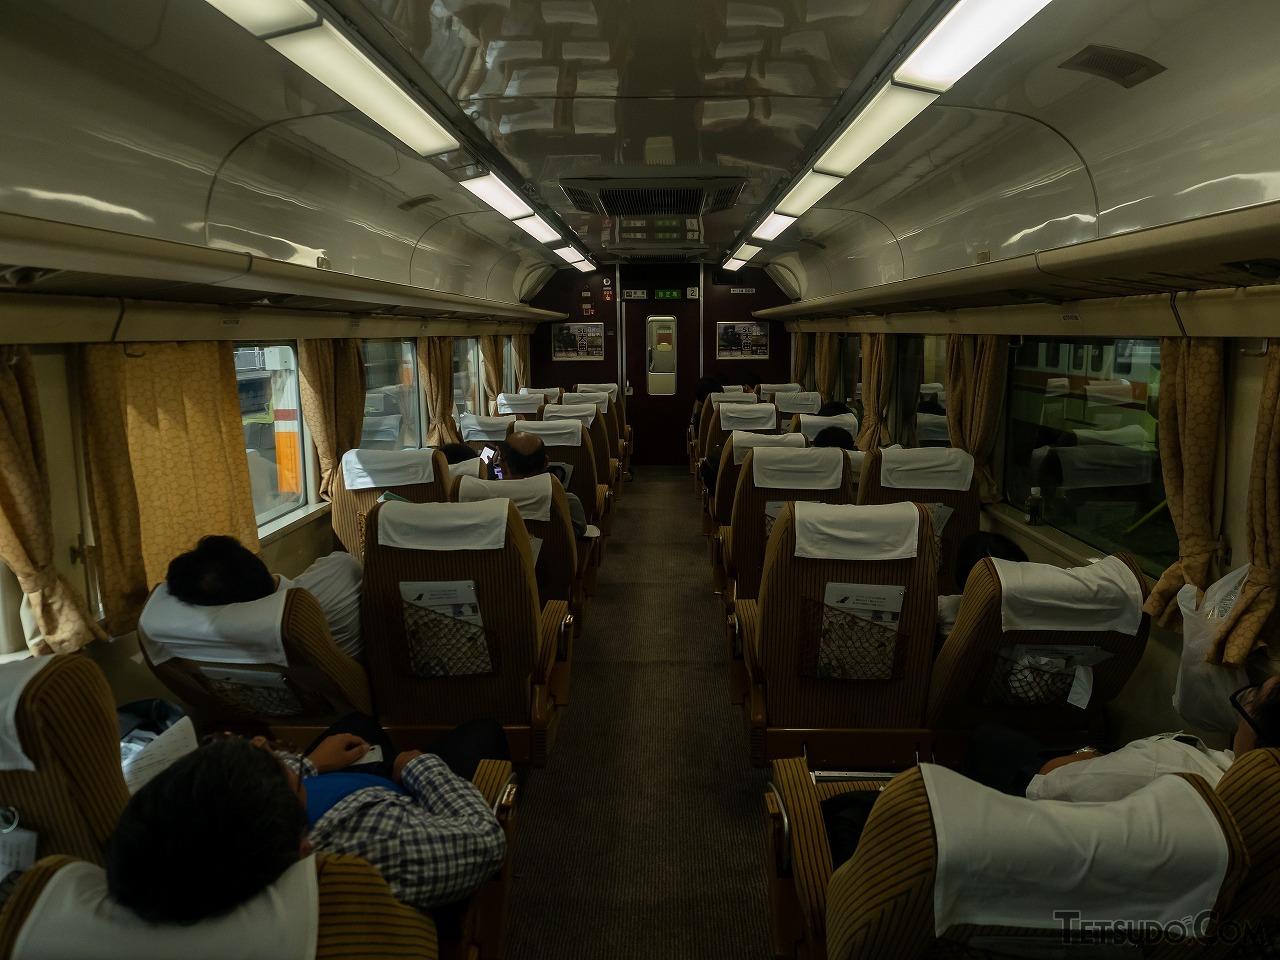 減光し多くの人が眠りについたドリームカー。札幌行きと言われても信じそうな雰囲気です